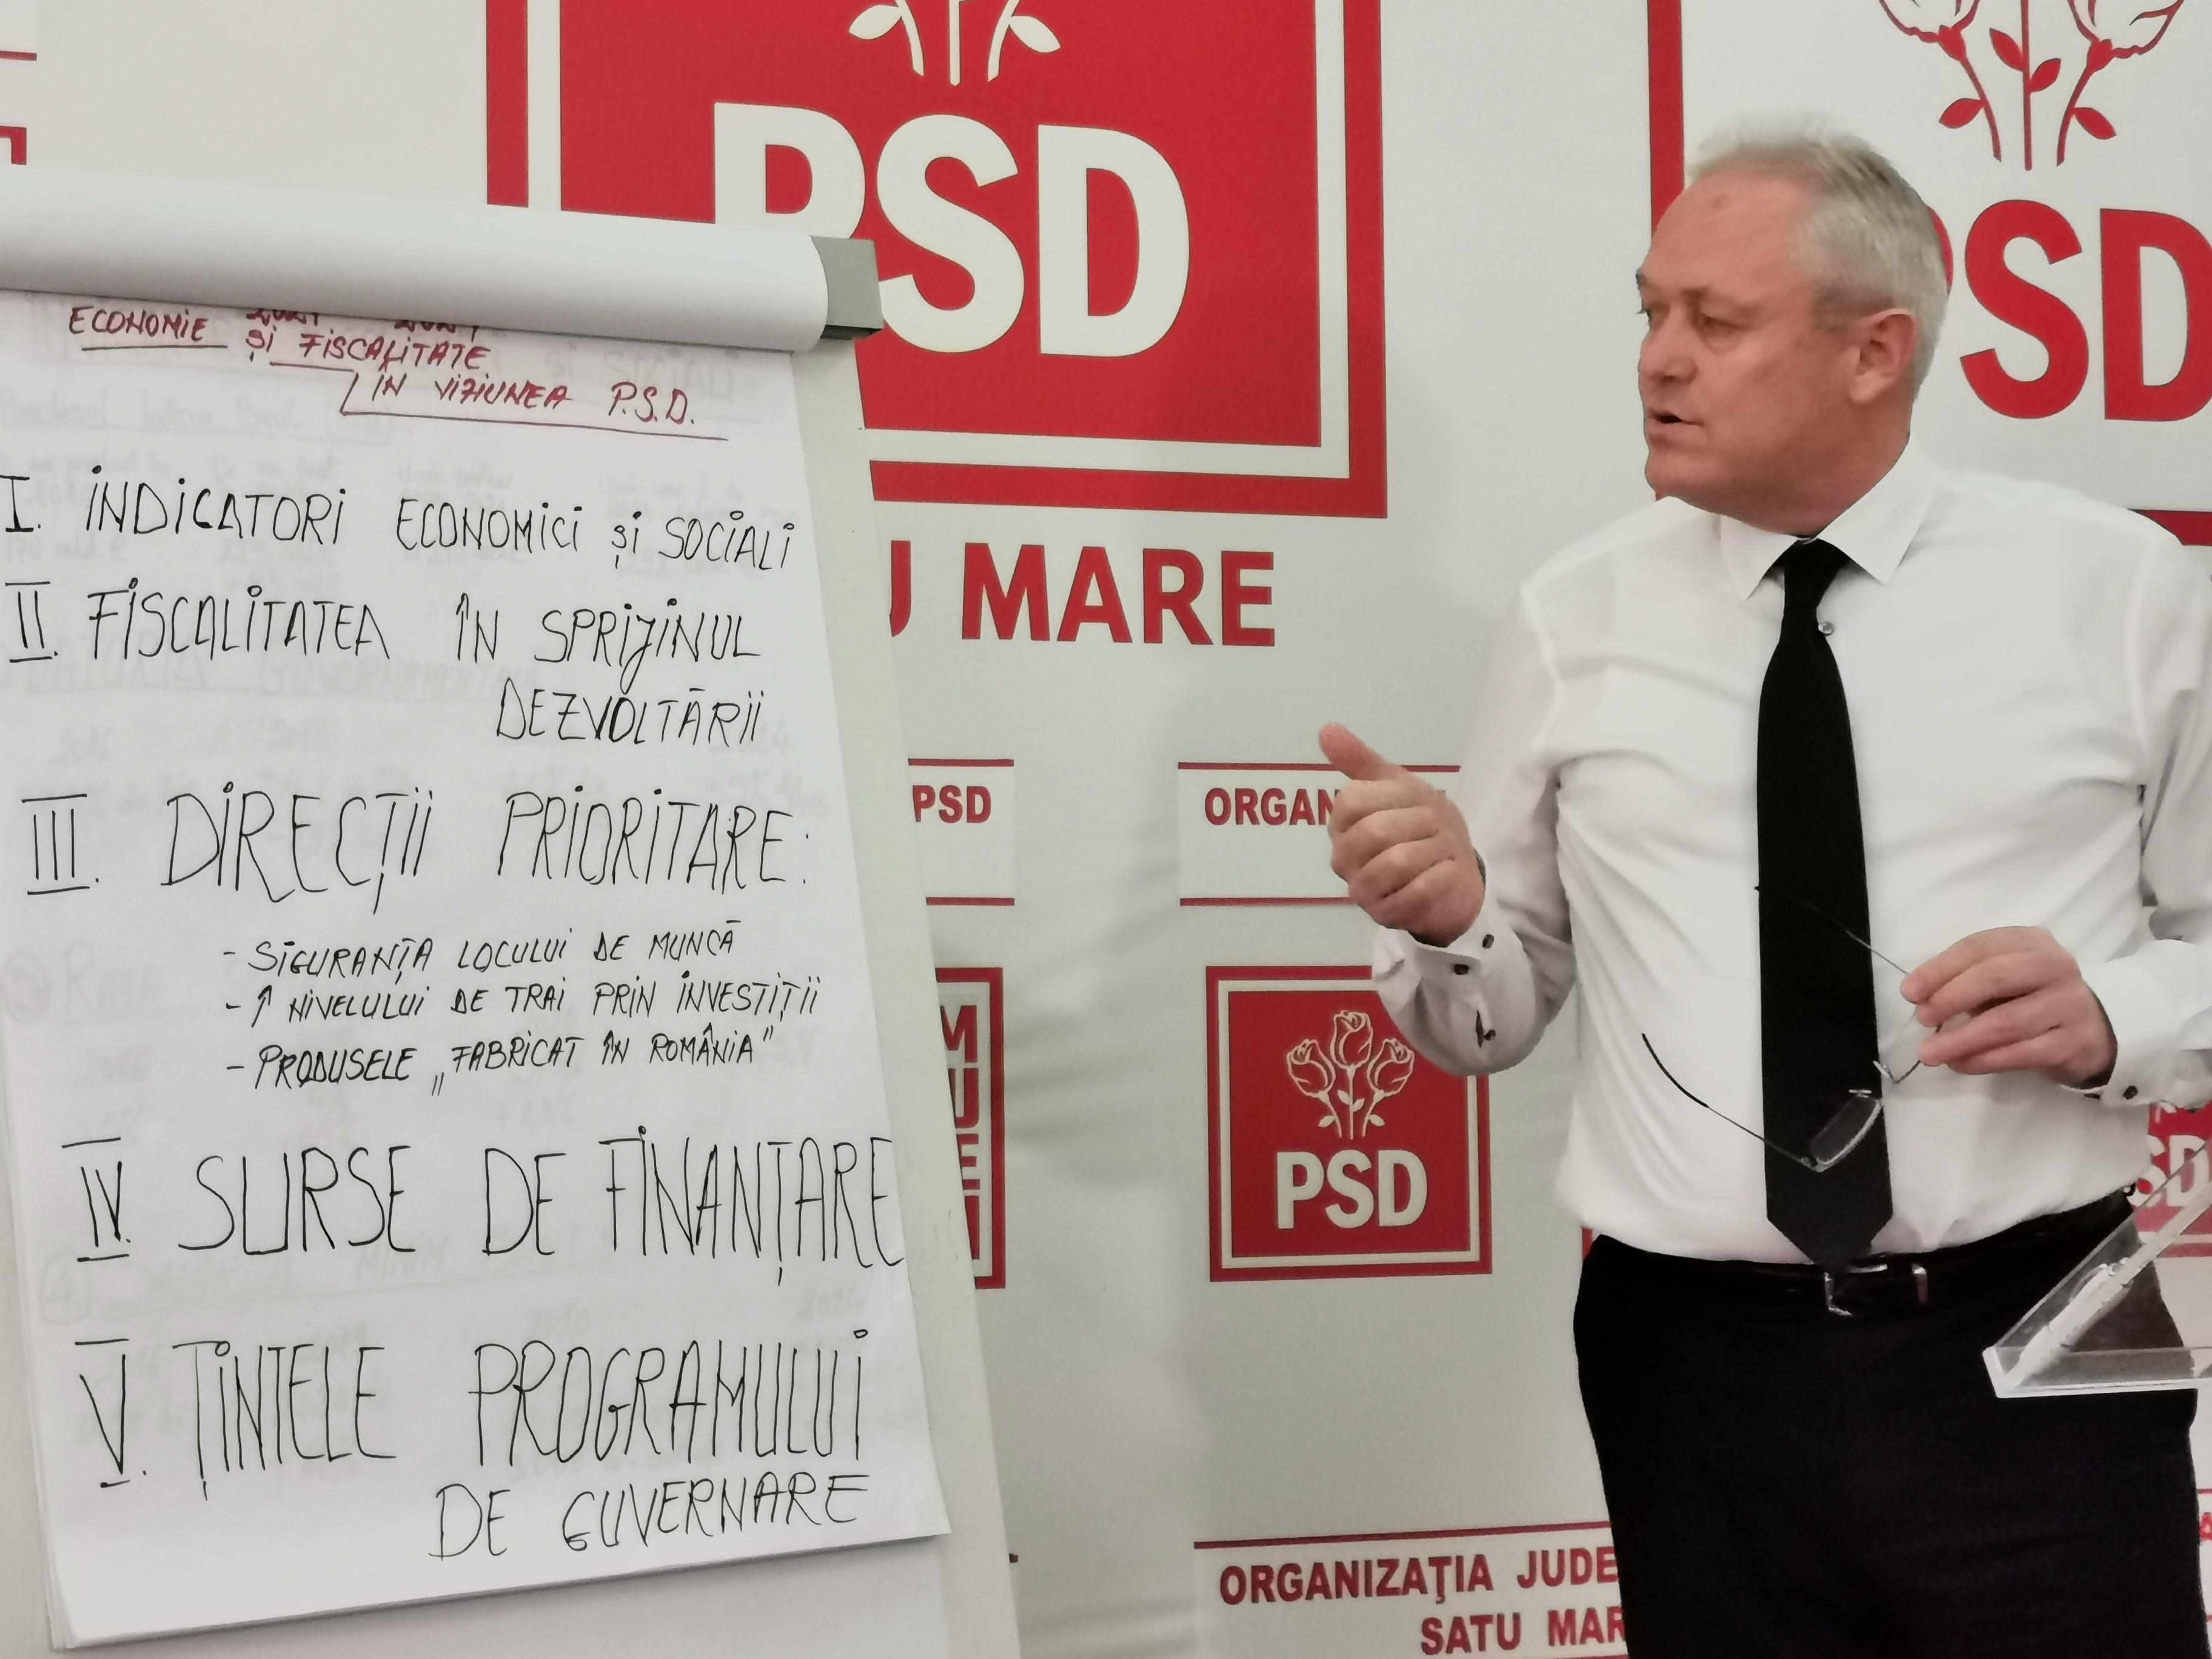 Ioan Tibil a prezentat sinteza programului de guvernare a PSD în domeniul fiscal și economic